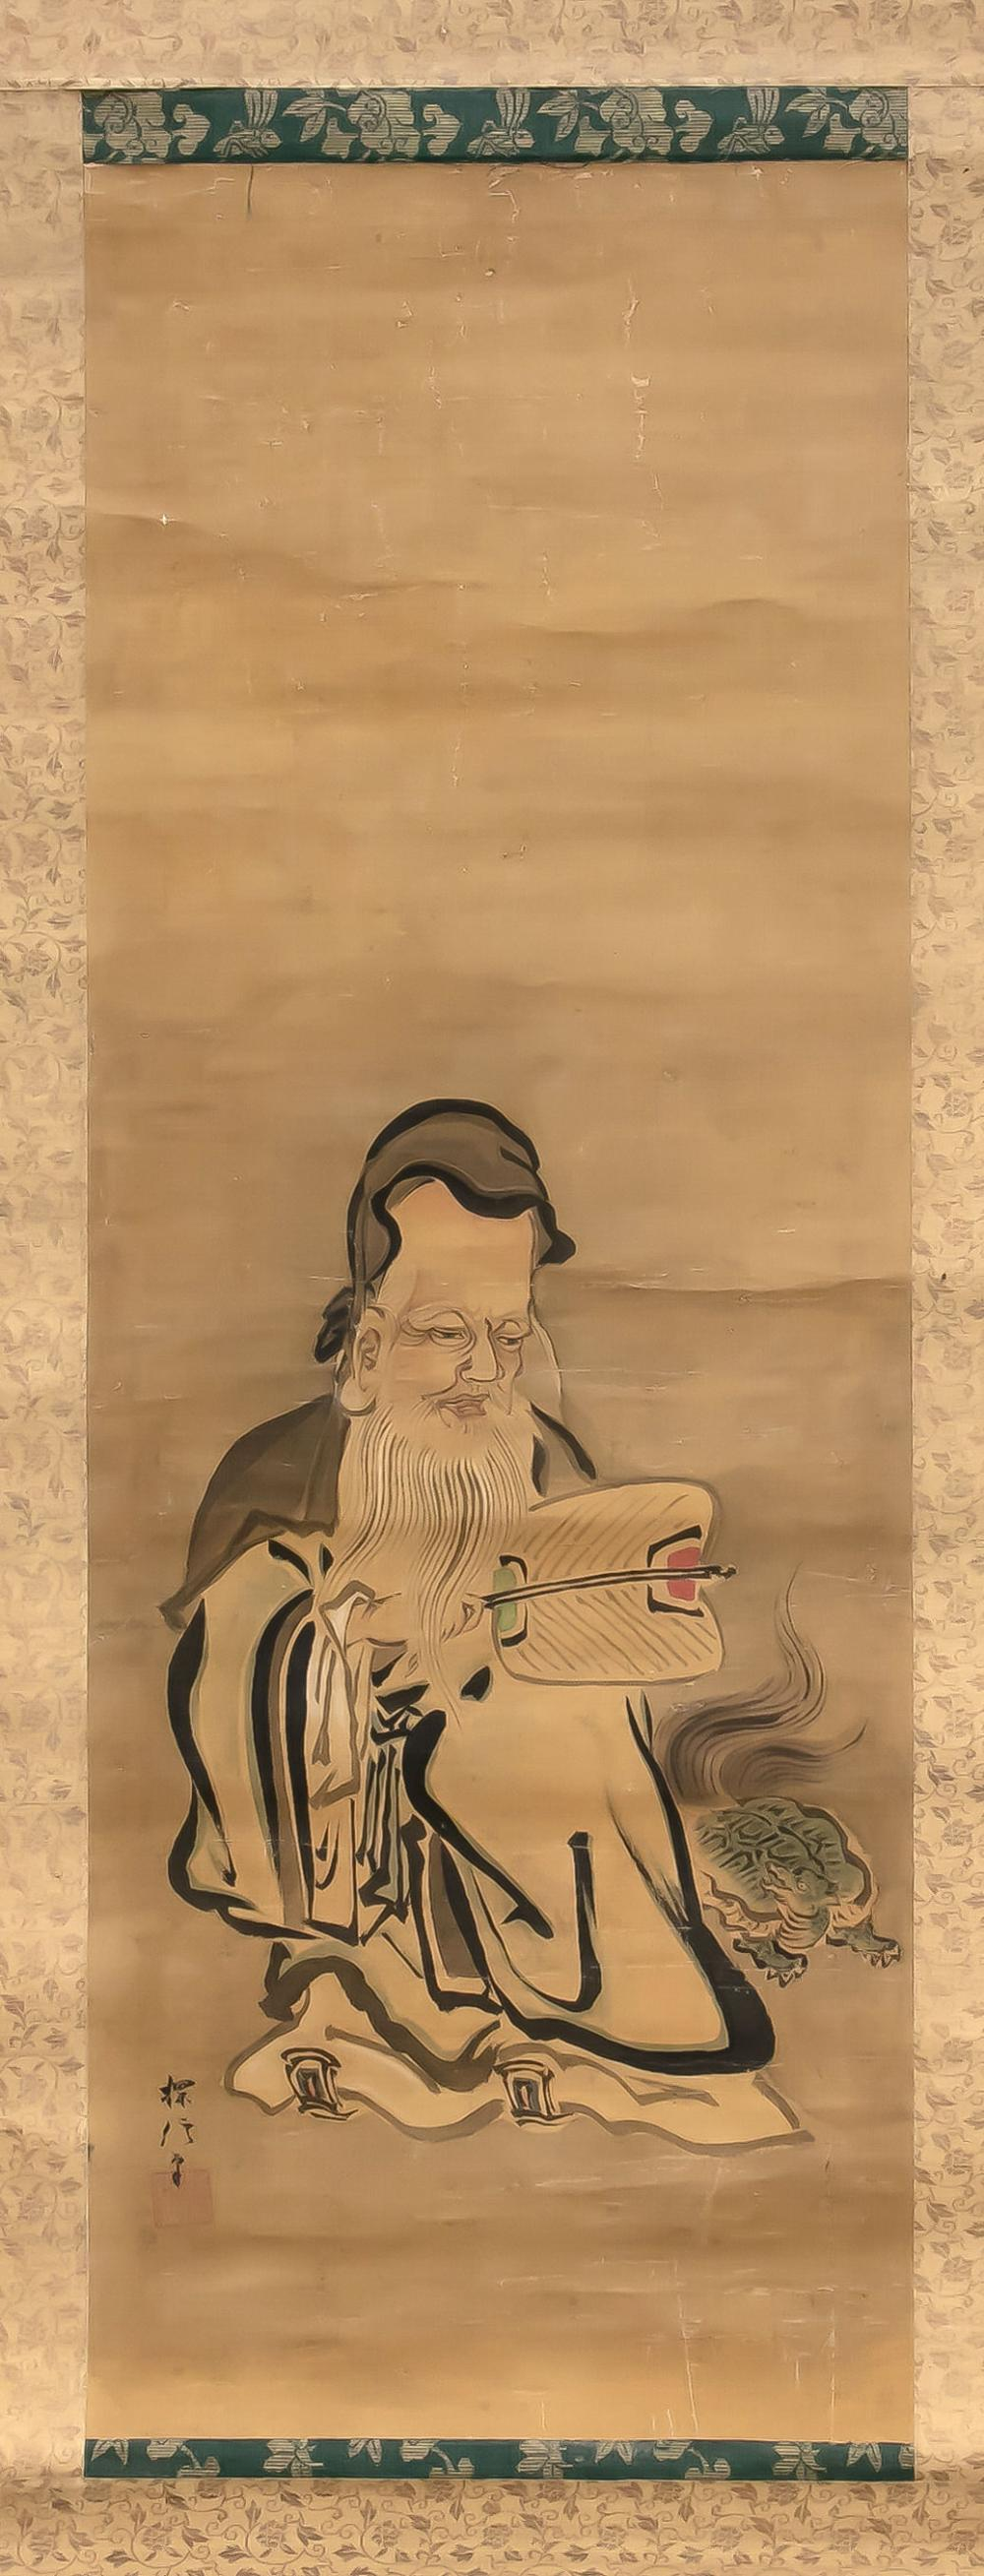 Kano Tanshin Morimasa (1653-17